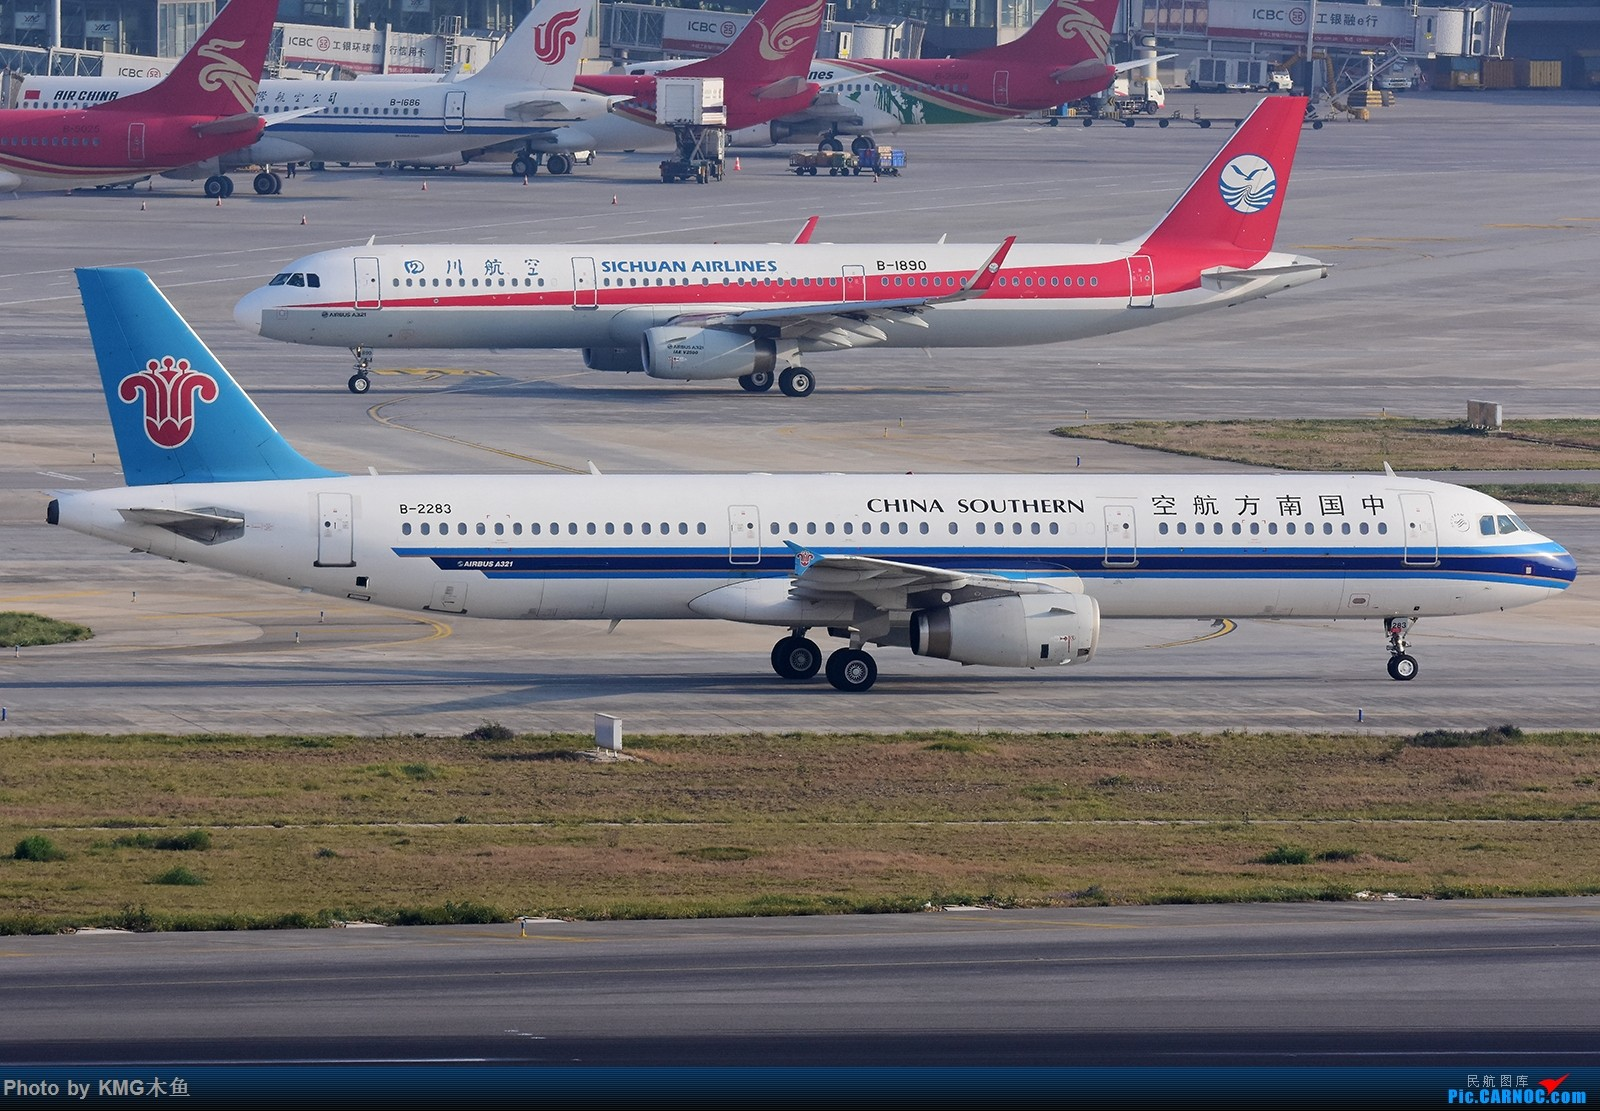 Re:[原创]【昆明长水国际机场——KMG木鱼拍机】发一波库存图 AIRBUS A321-200 B-2283 中国昆明长水国际机场